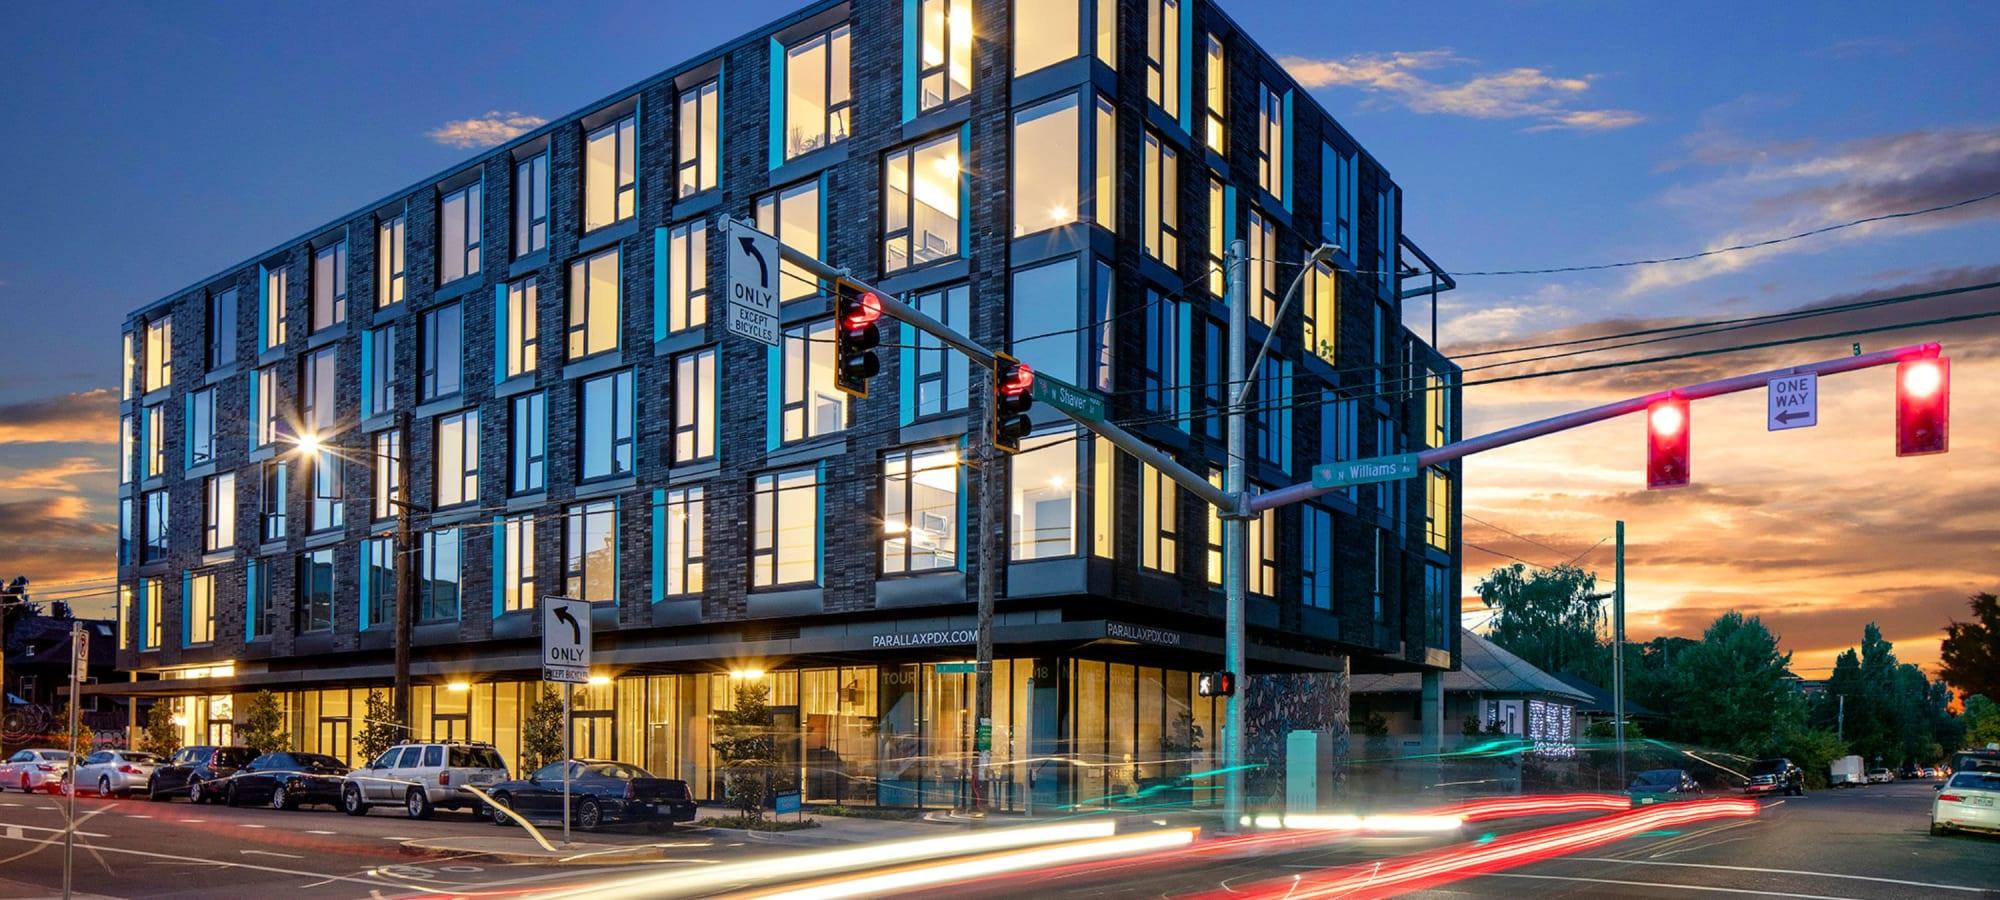 Apartments at Parallax Apartments in Portland, Oregon